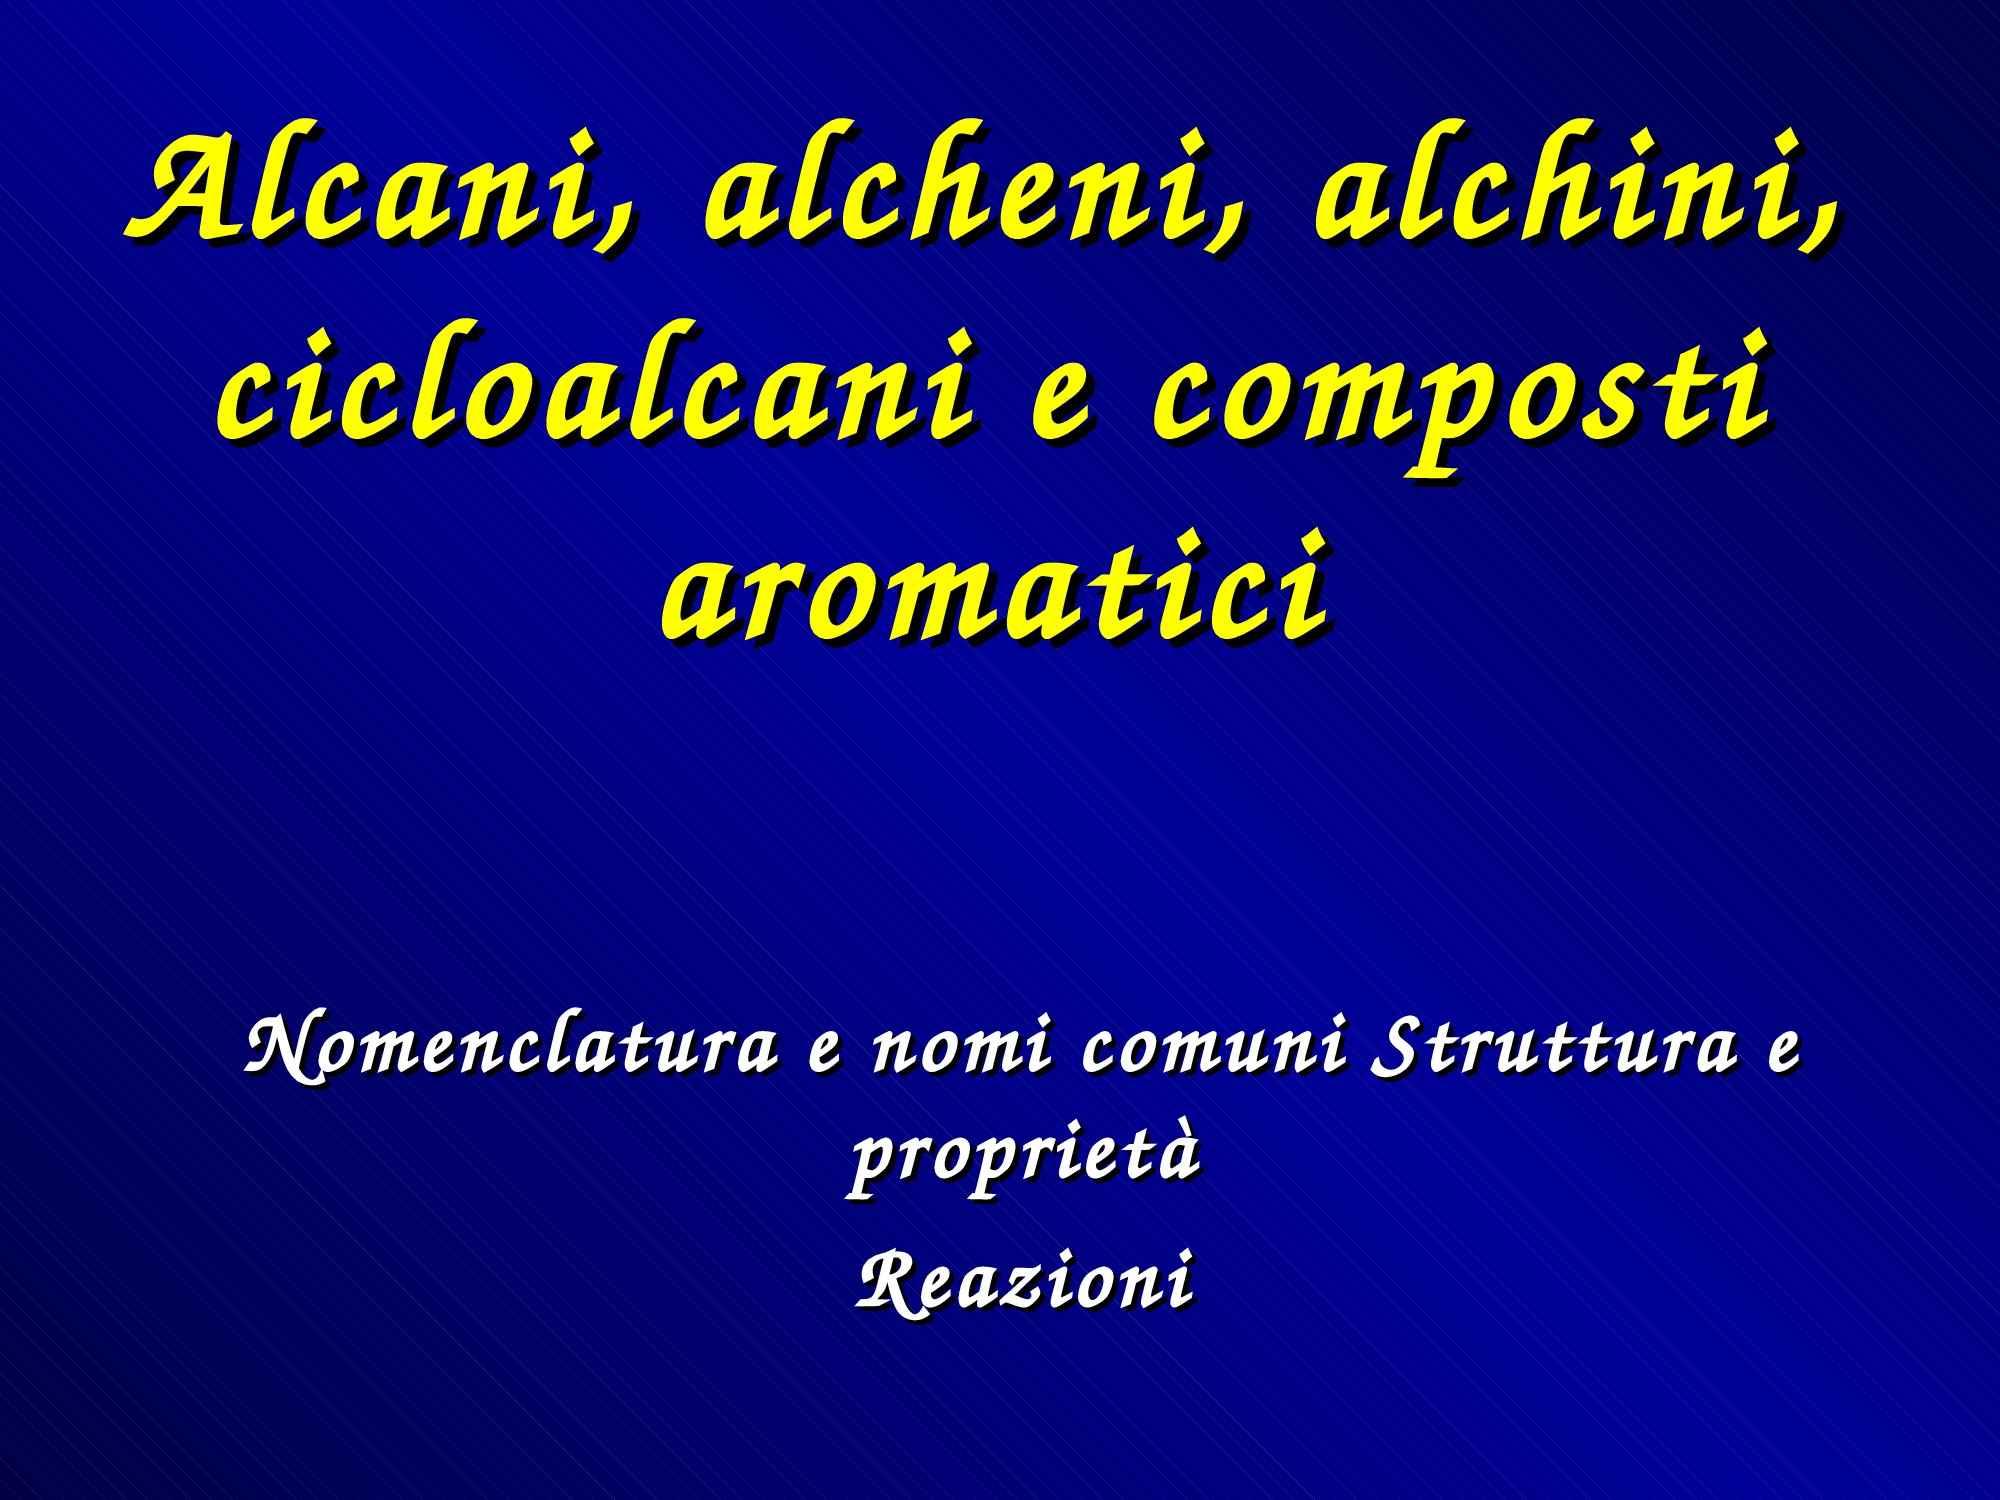 Alcani, alcheni, alchini e composti aromatici